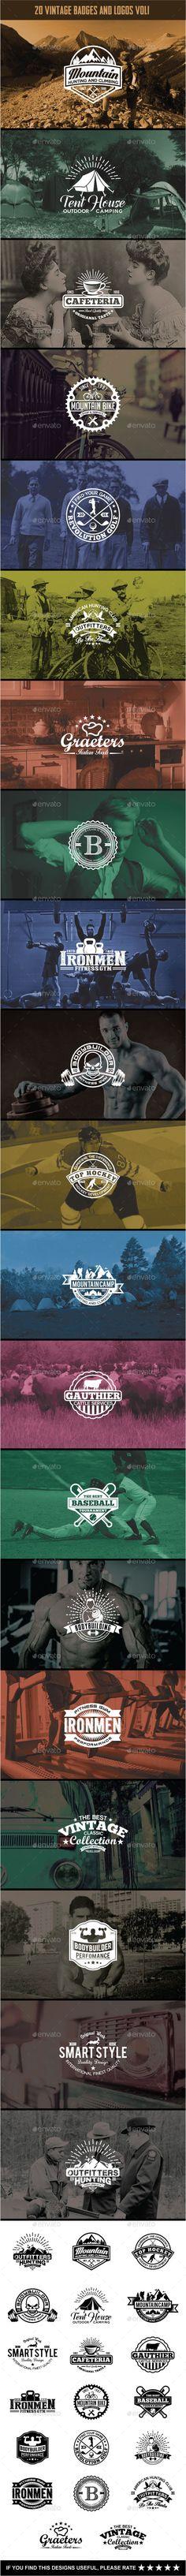 20 Vintage Badges and Logos EPS, AI #design Download: http://graphicriver.net/item/20-vintage-badges-and-logos-vol1/13230038?ref=ksioks